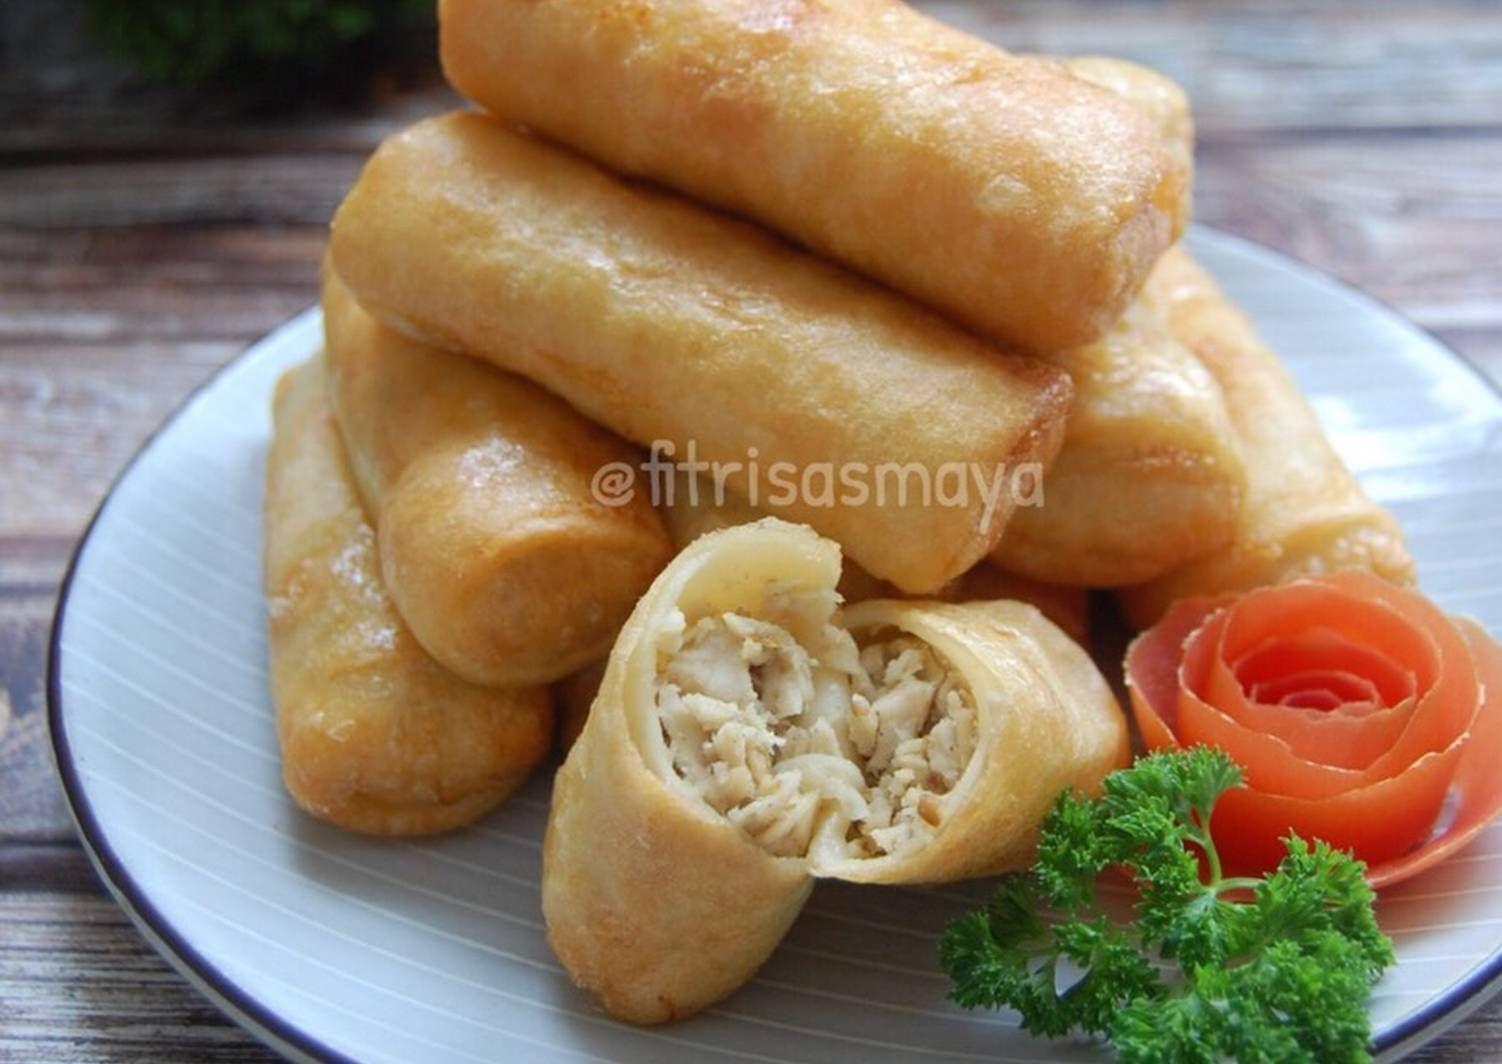 Resep Sosis Solo Yummy Oleh Fitri Sasmaya Resep Resep Sosis Sosis Makanan Dan Minuman